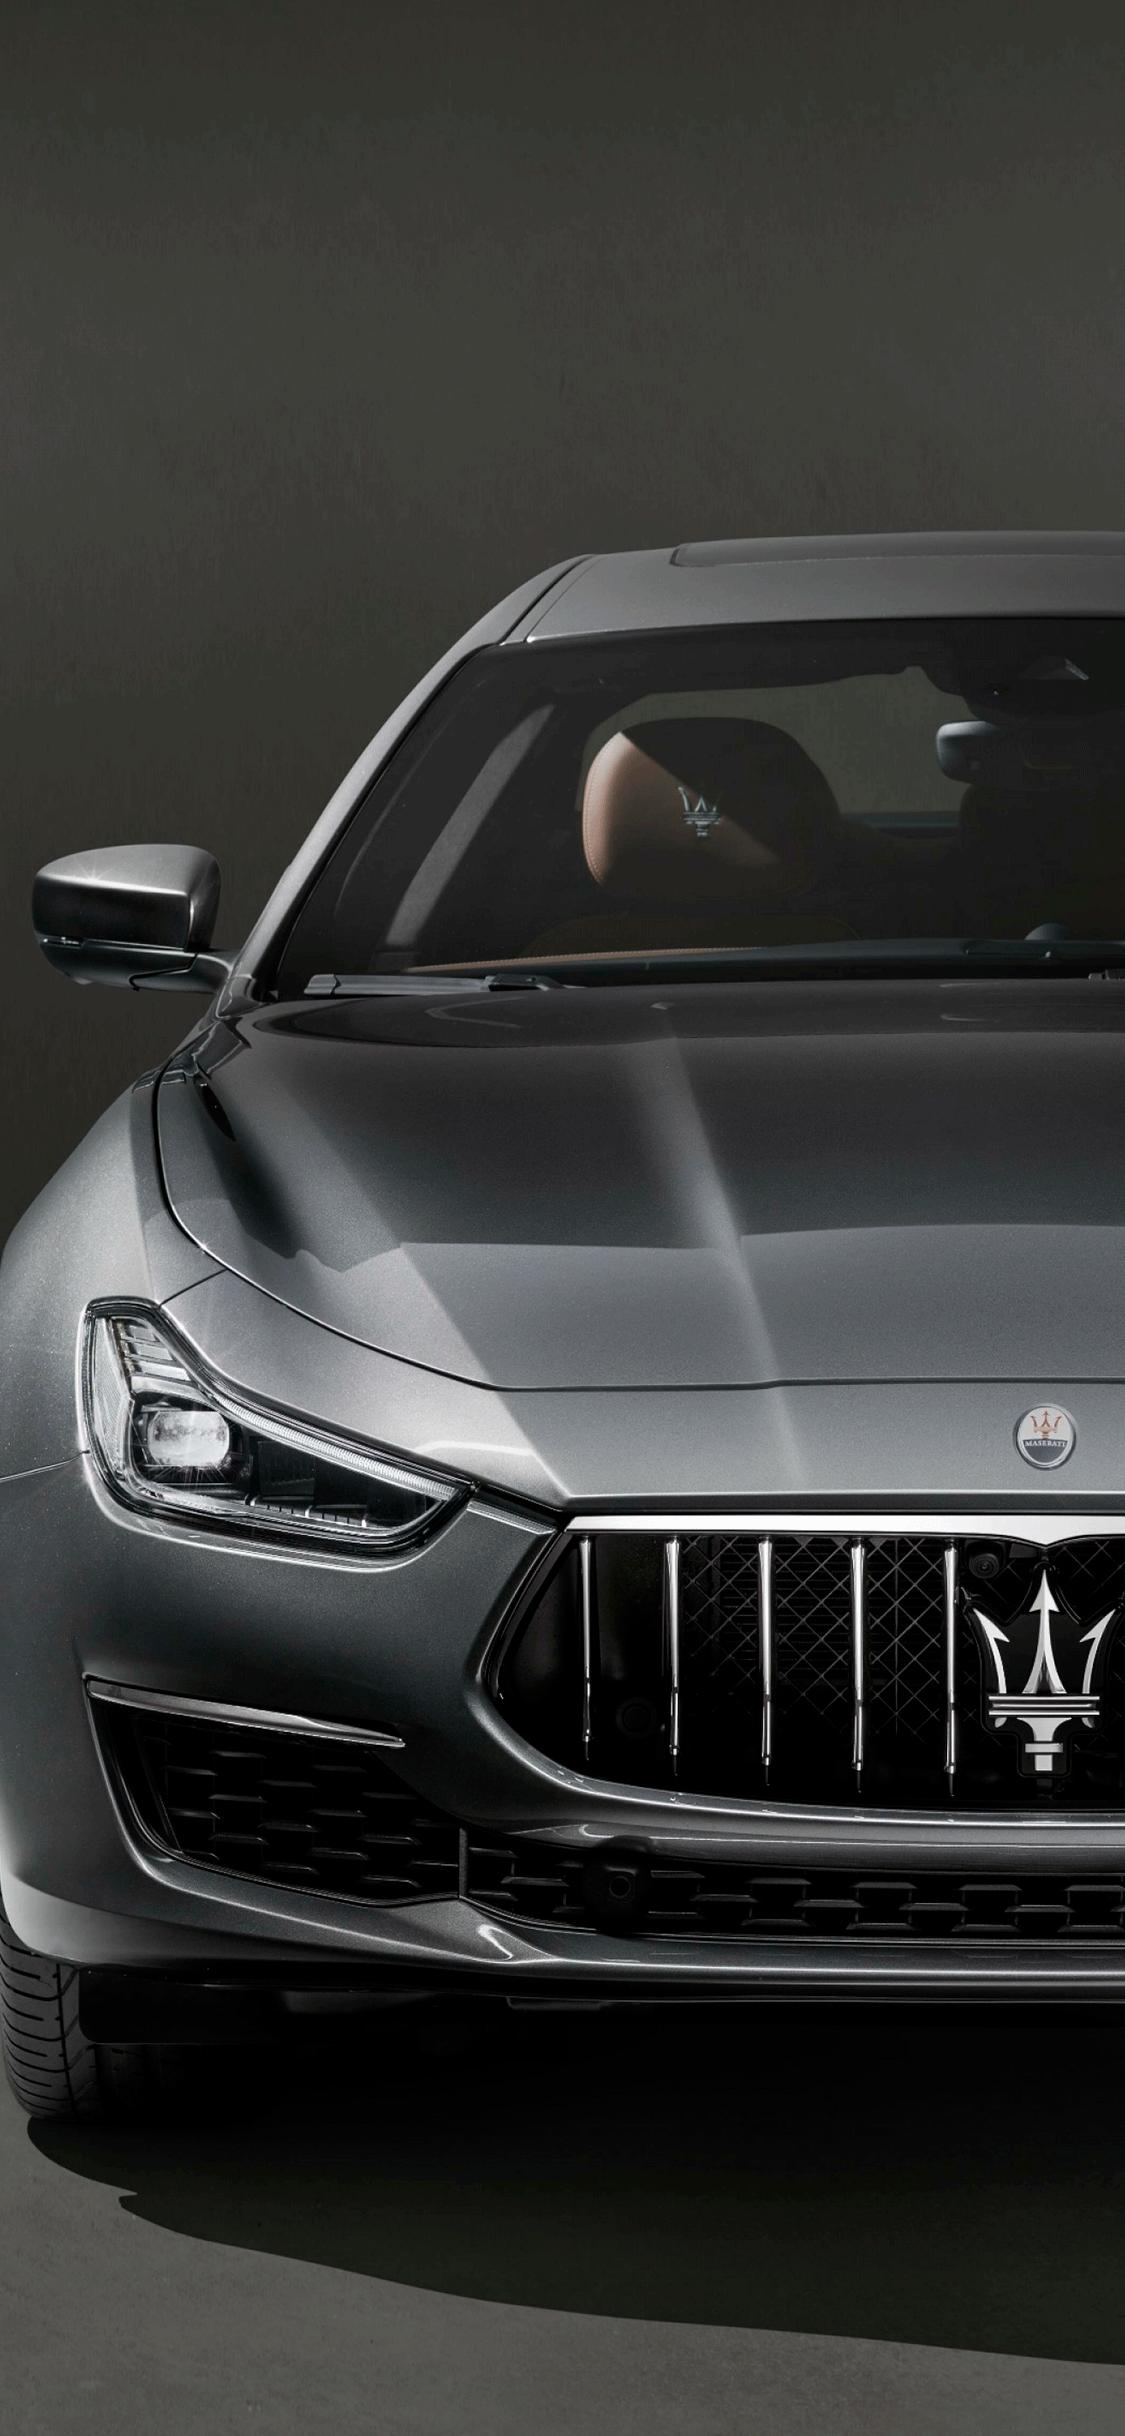 iPhone wallpaper maserati gran turismo sport Maserati